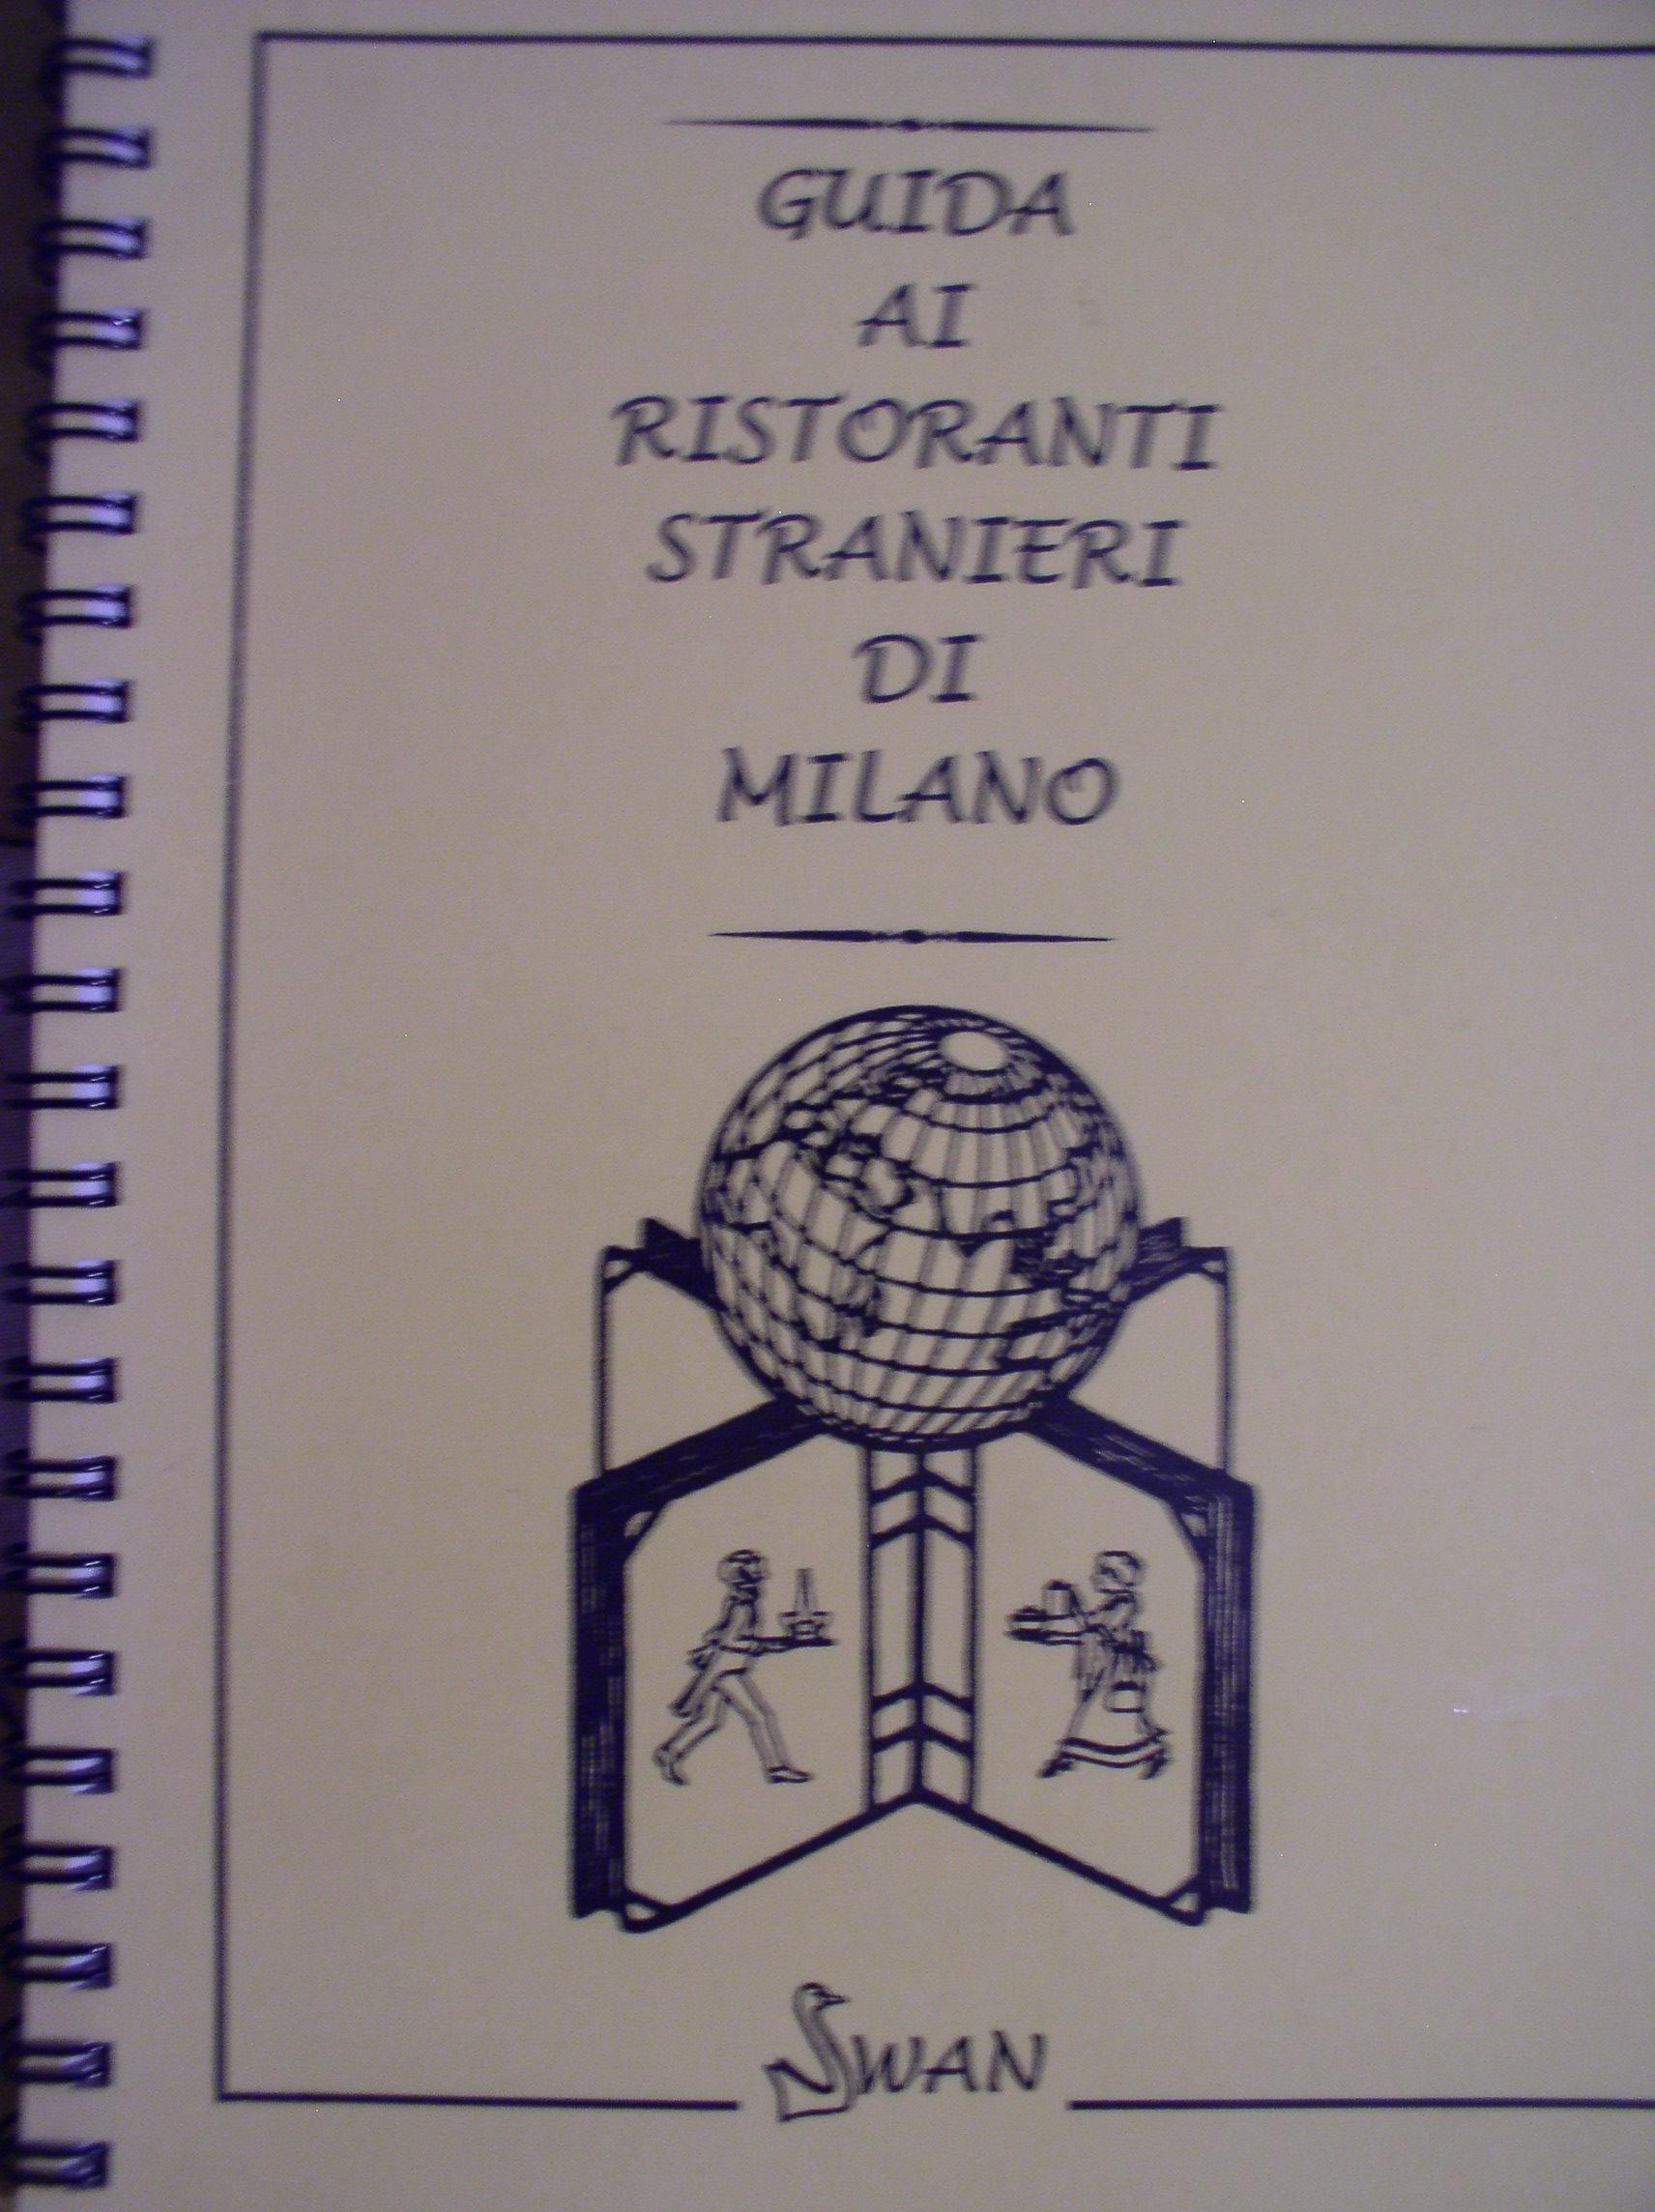 Guida ai ristoranti stranieri di Milano